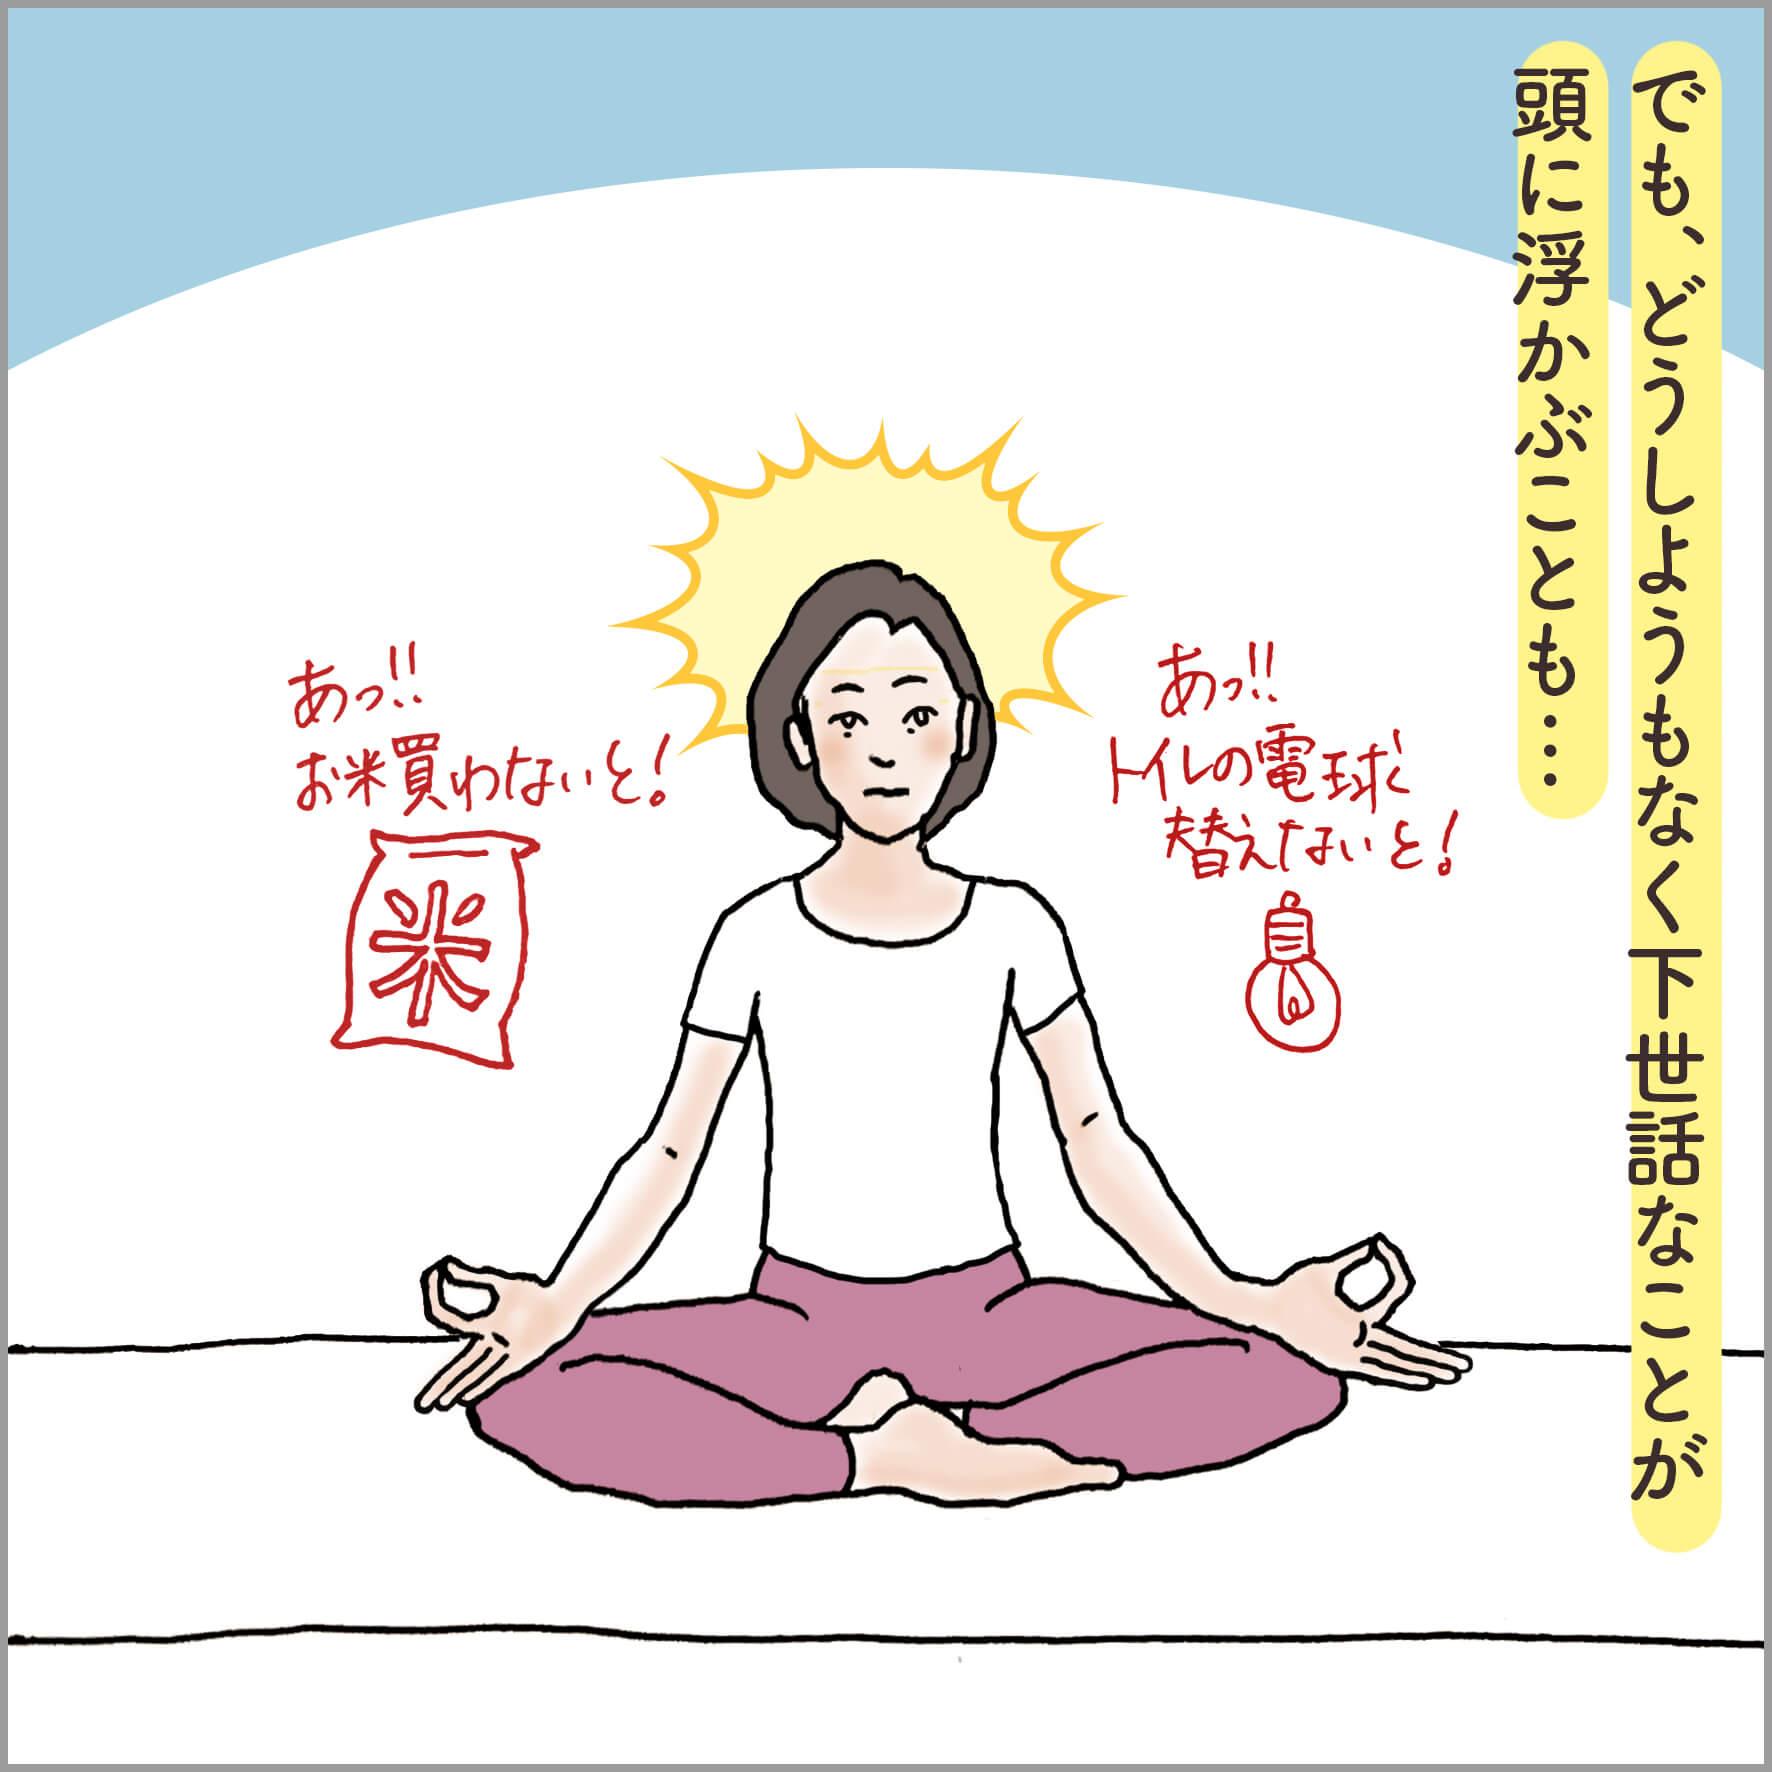 瞑想中に目を開けて別のことを考える人